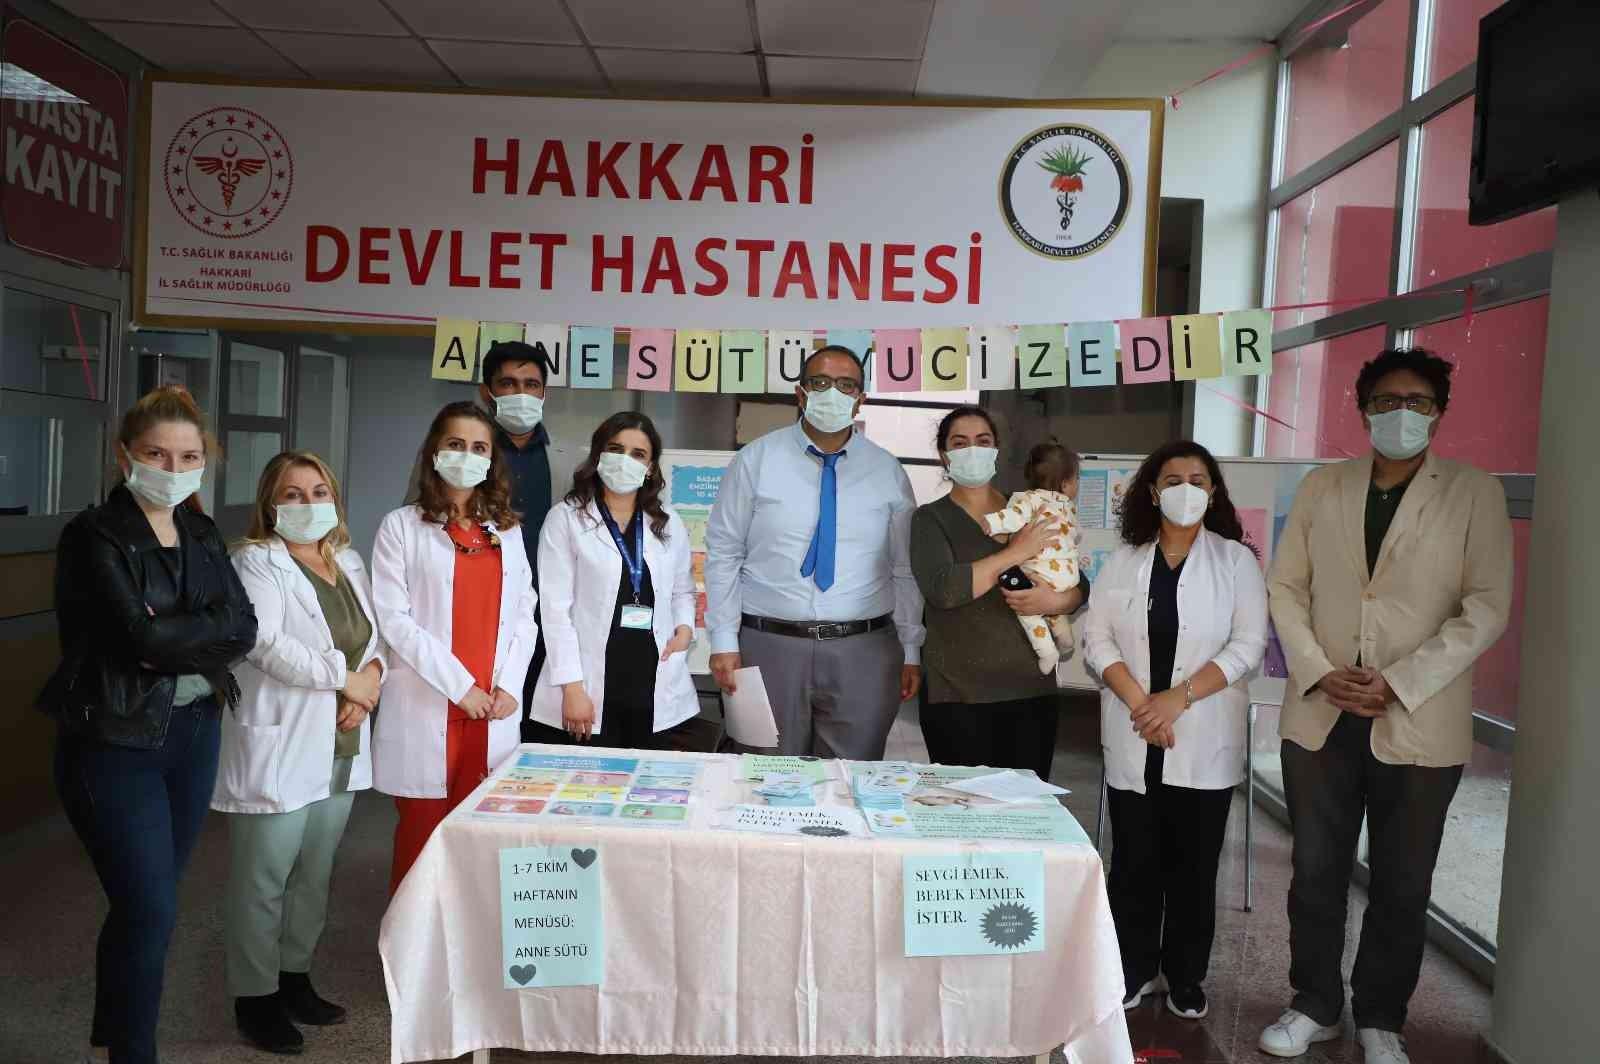 """Uz. Dr. Kara; """"Covid-19 pozitifliği esnasında da anne sütü kesilmemeli"""" #hakkari"""